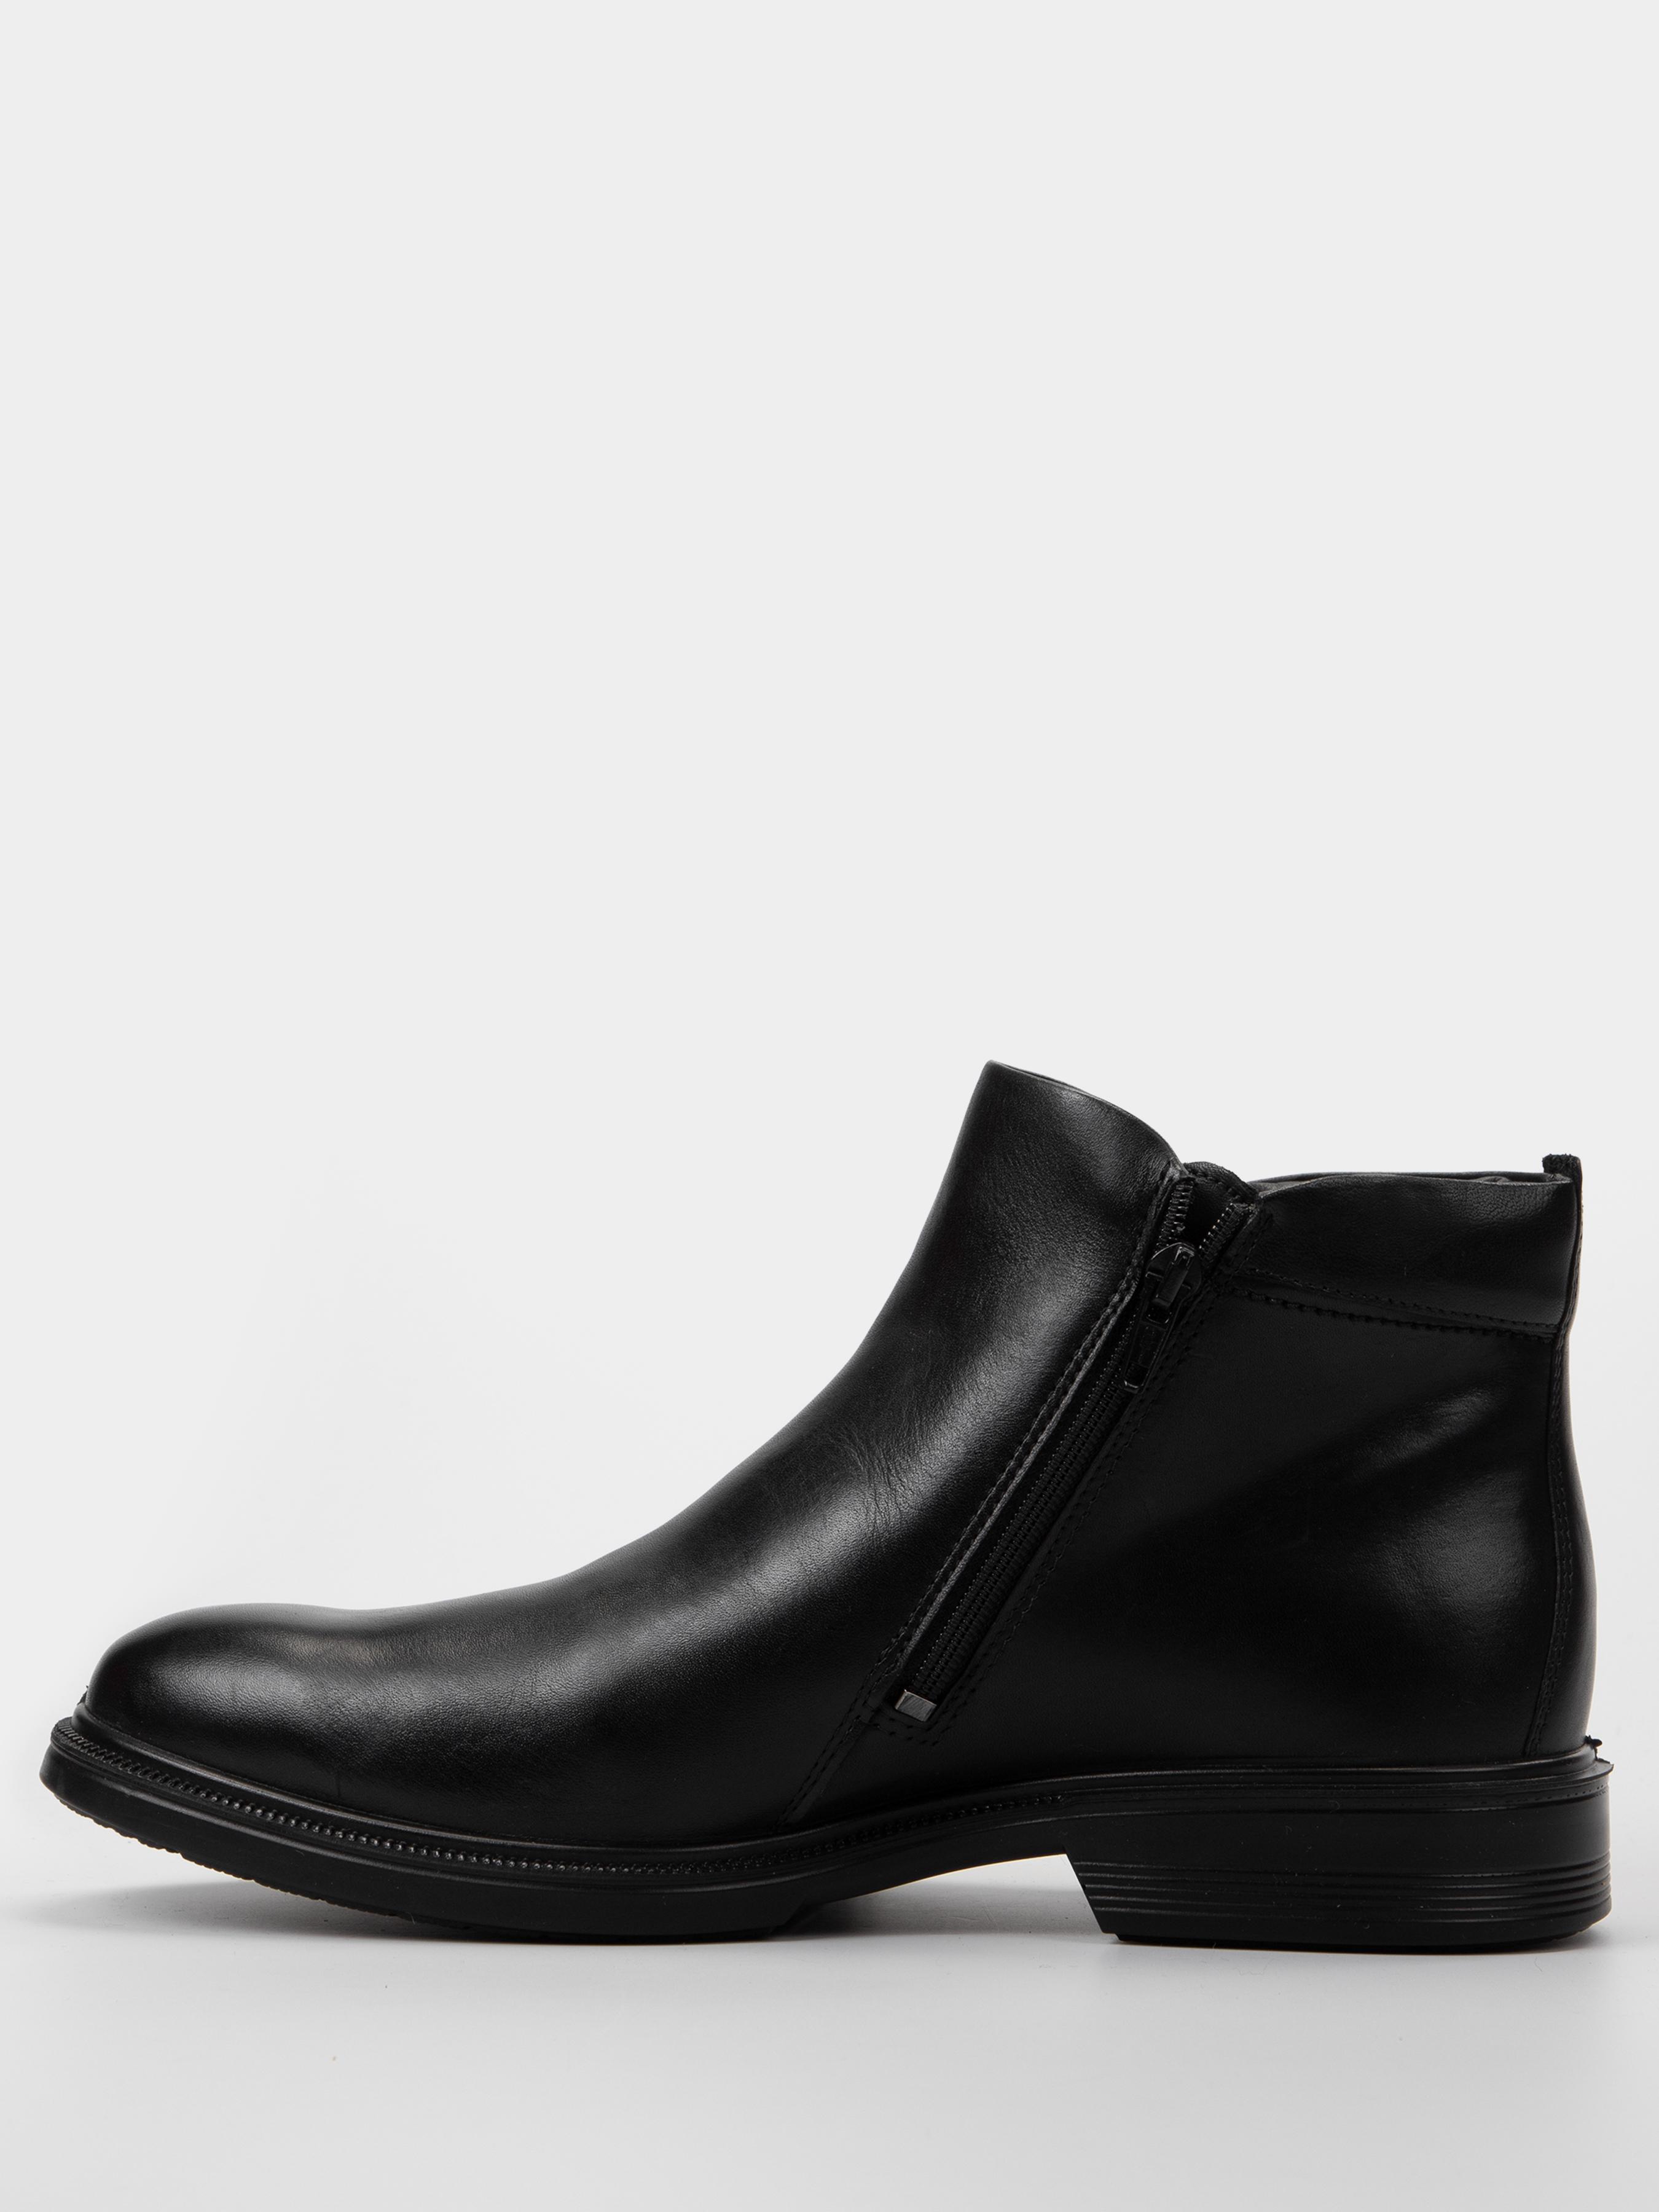 Ботинки мужские ECCO ZM4260 купить онлайн, 2017